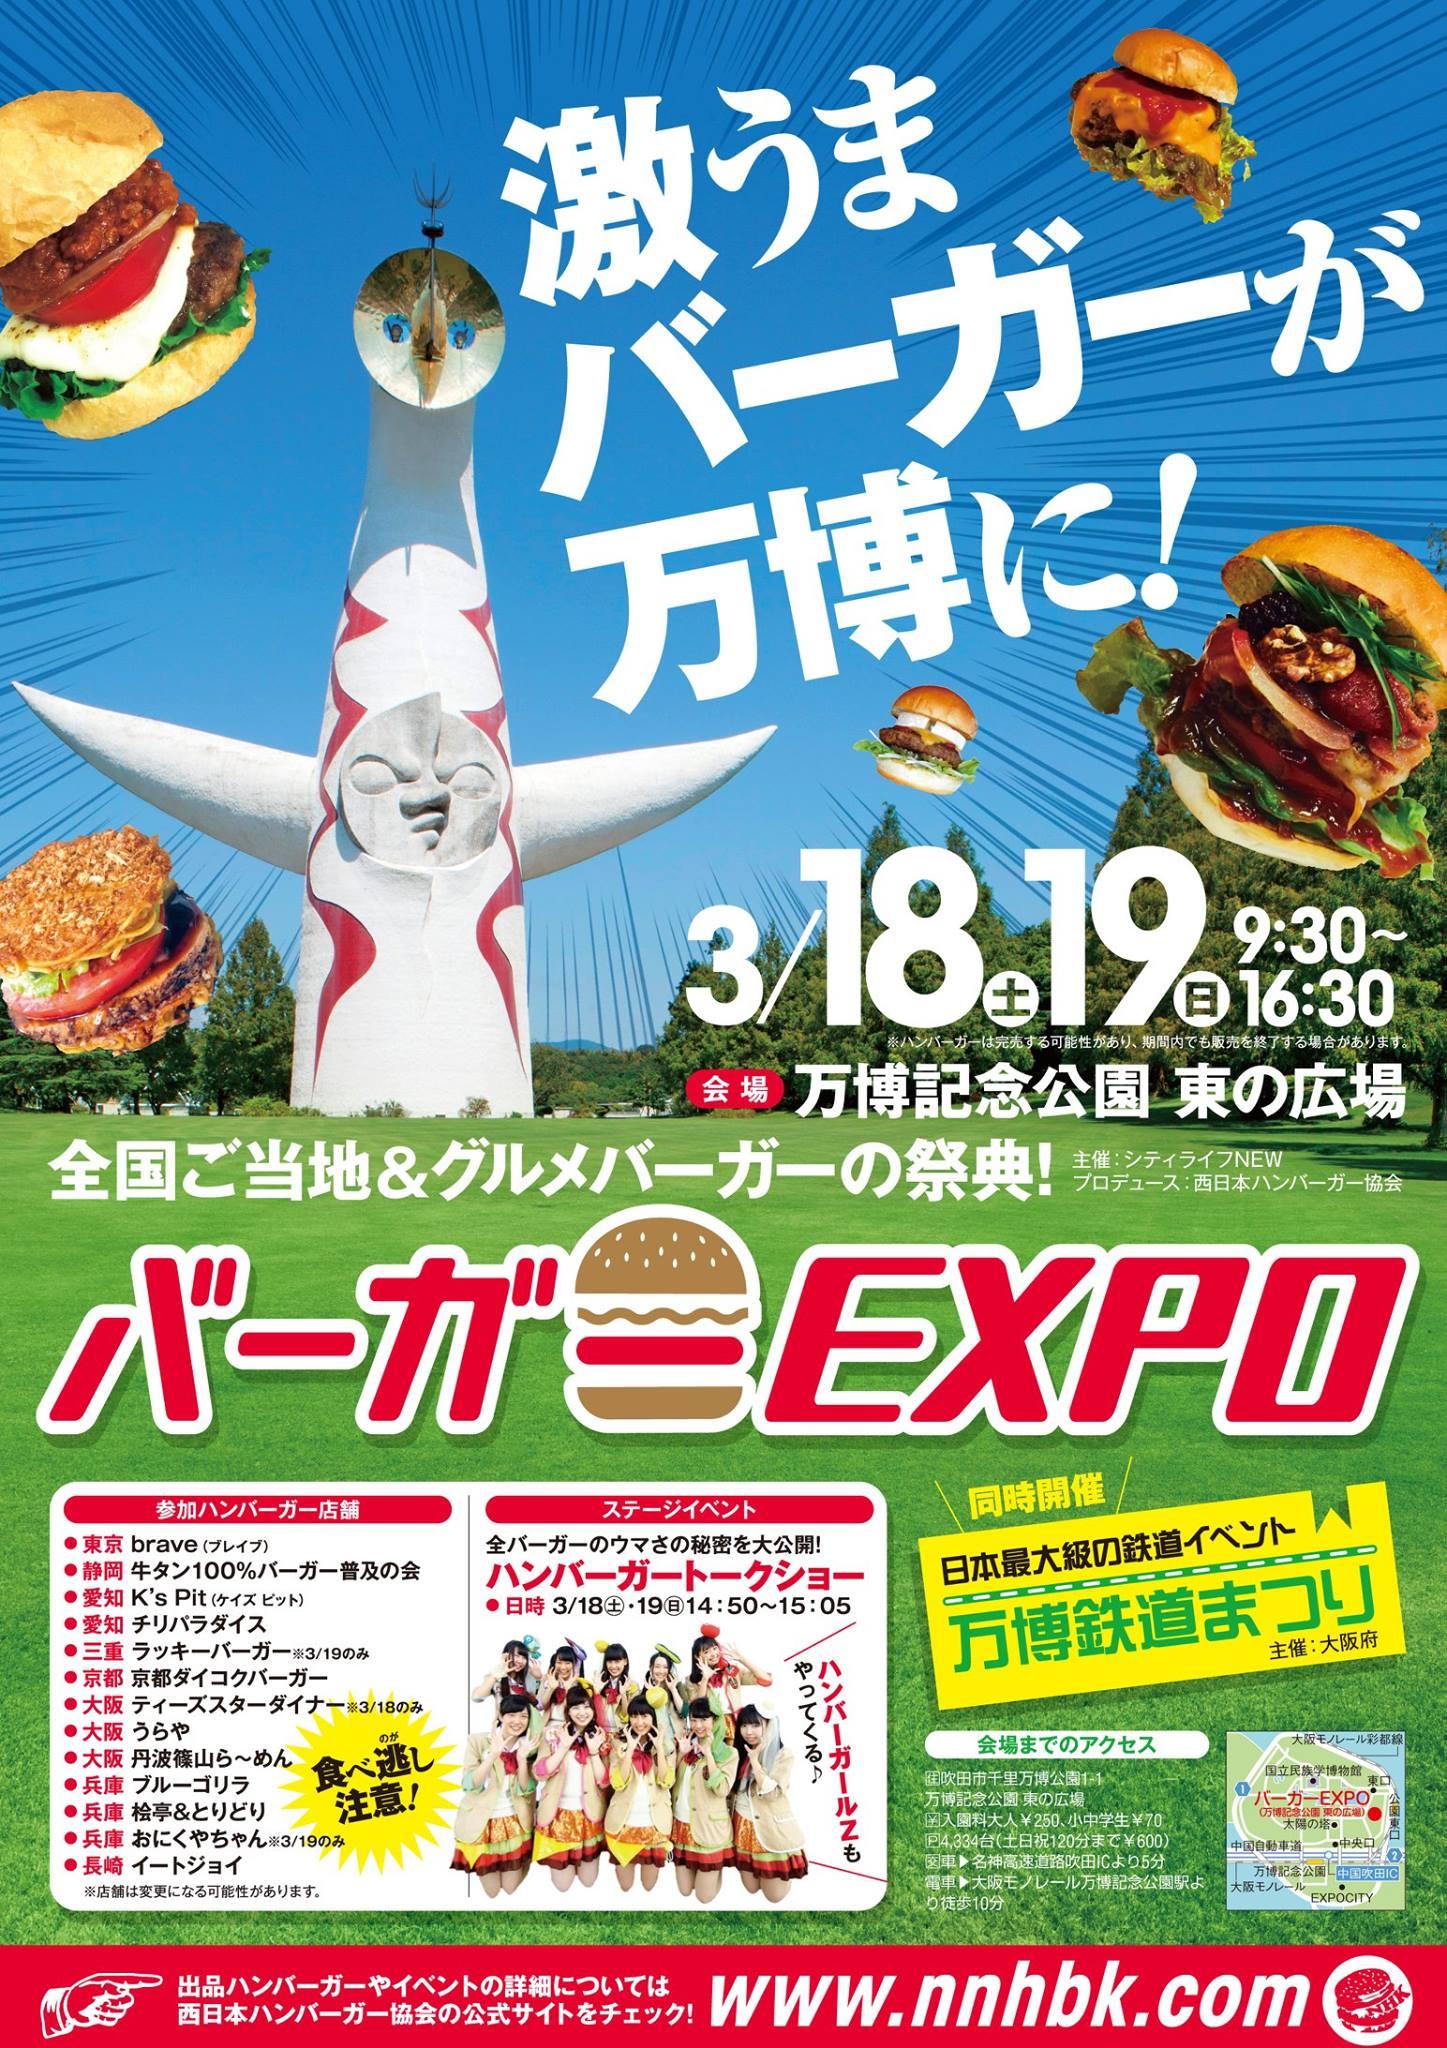 バーガーエキスポのポスター